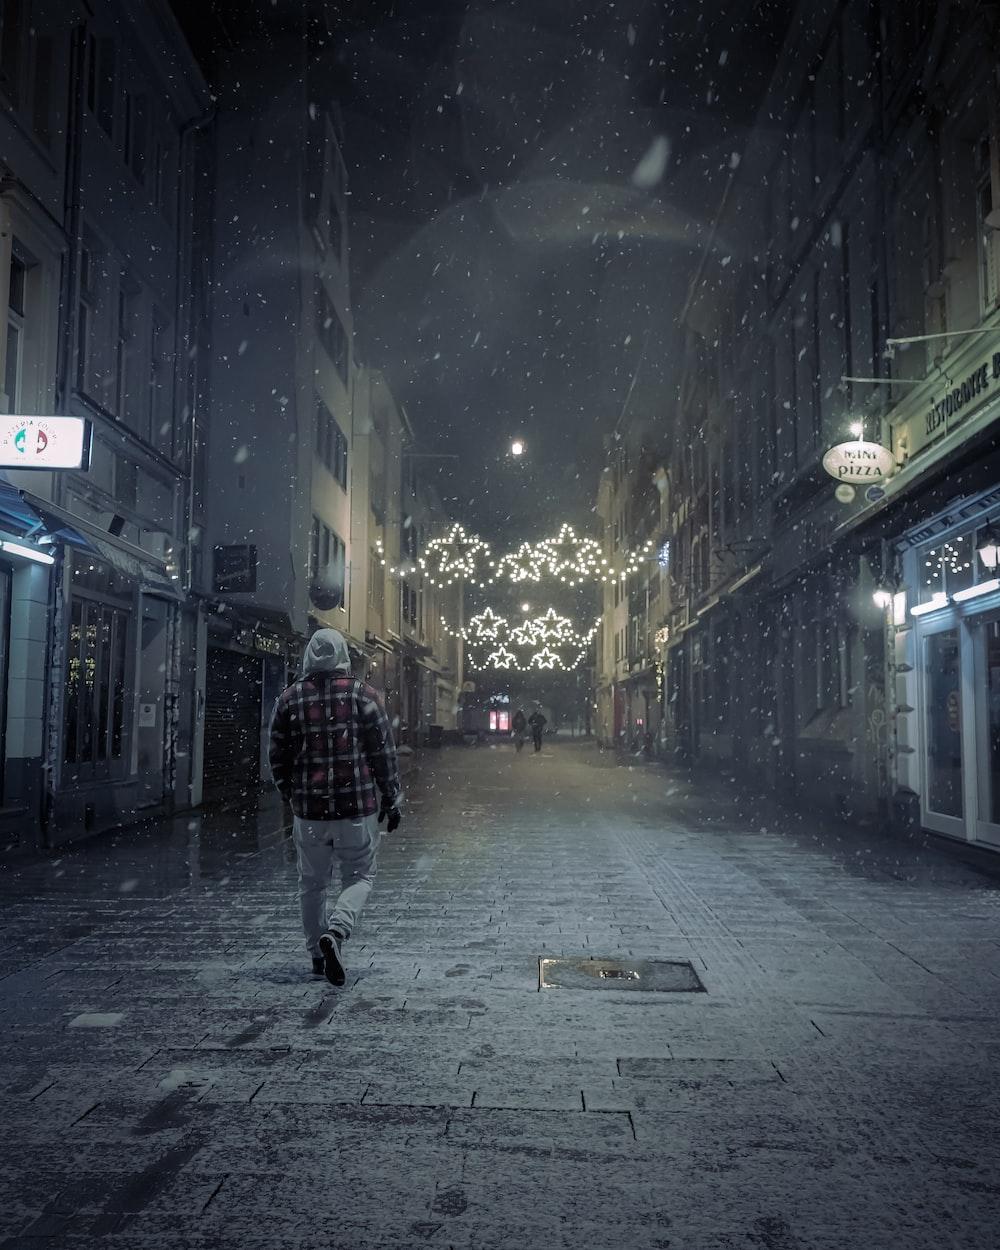 man in black jacket walking on street during nighttime